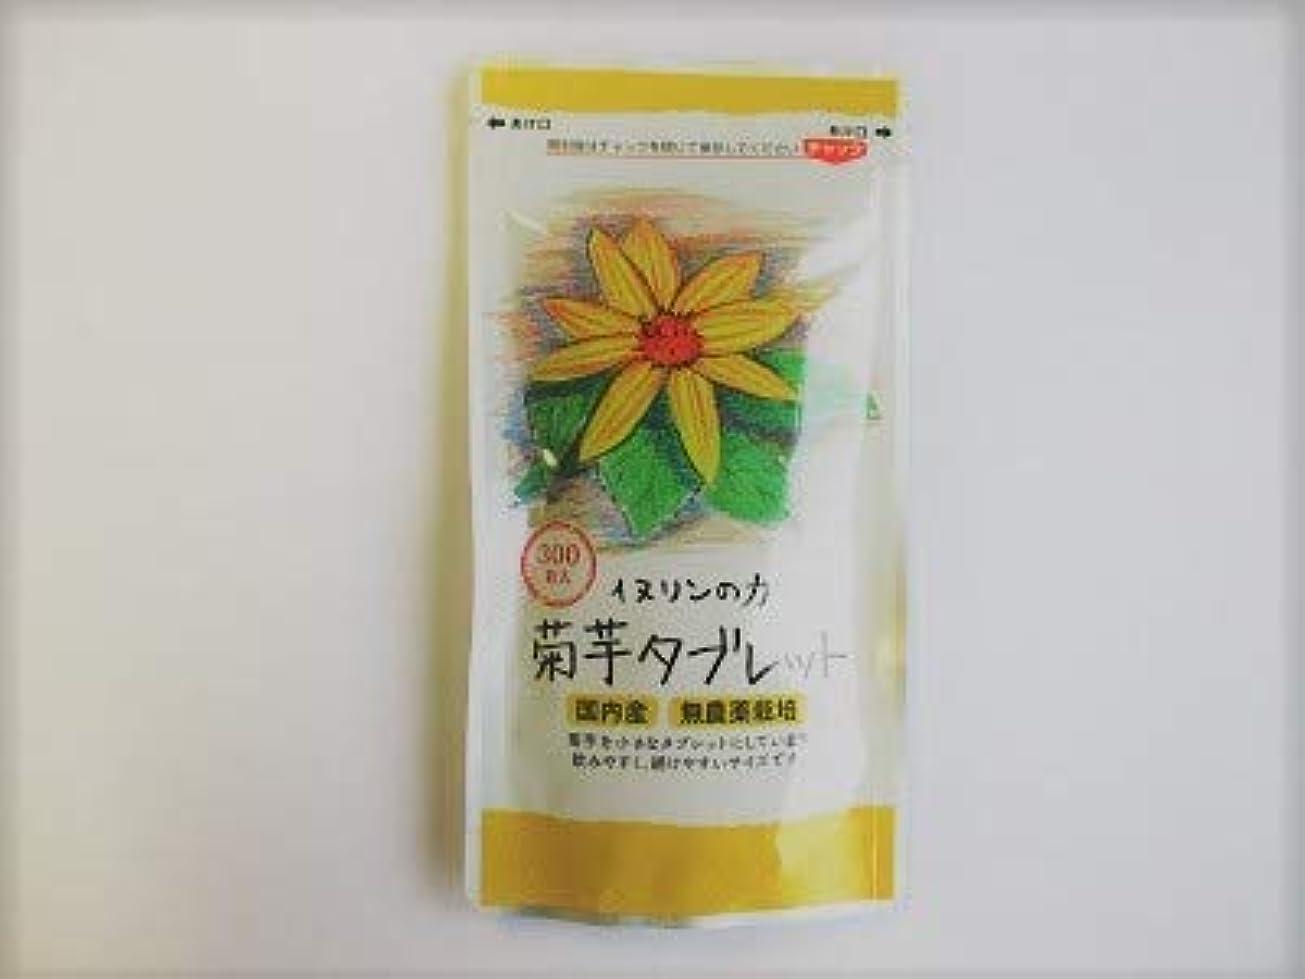 興奮する法律によりシロクマ菊芋タブレット 250mg×300粒 内容量:75g ★1袋で生菊芋=660g分相当です!